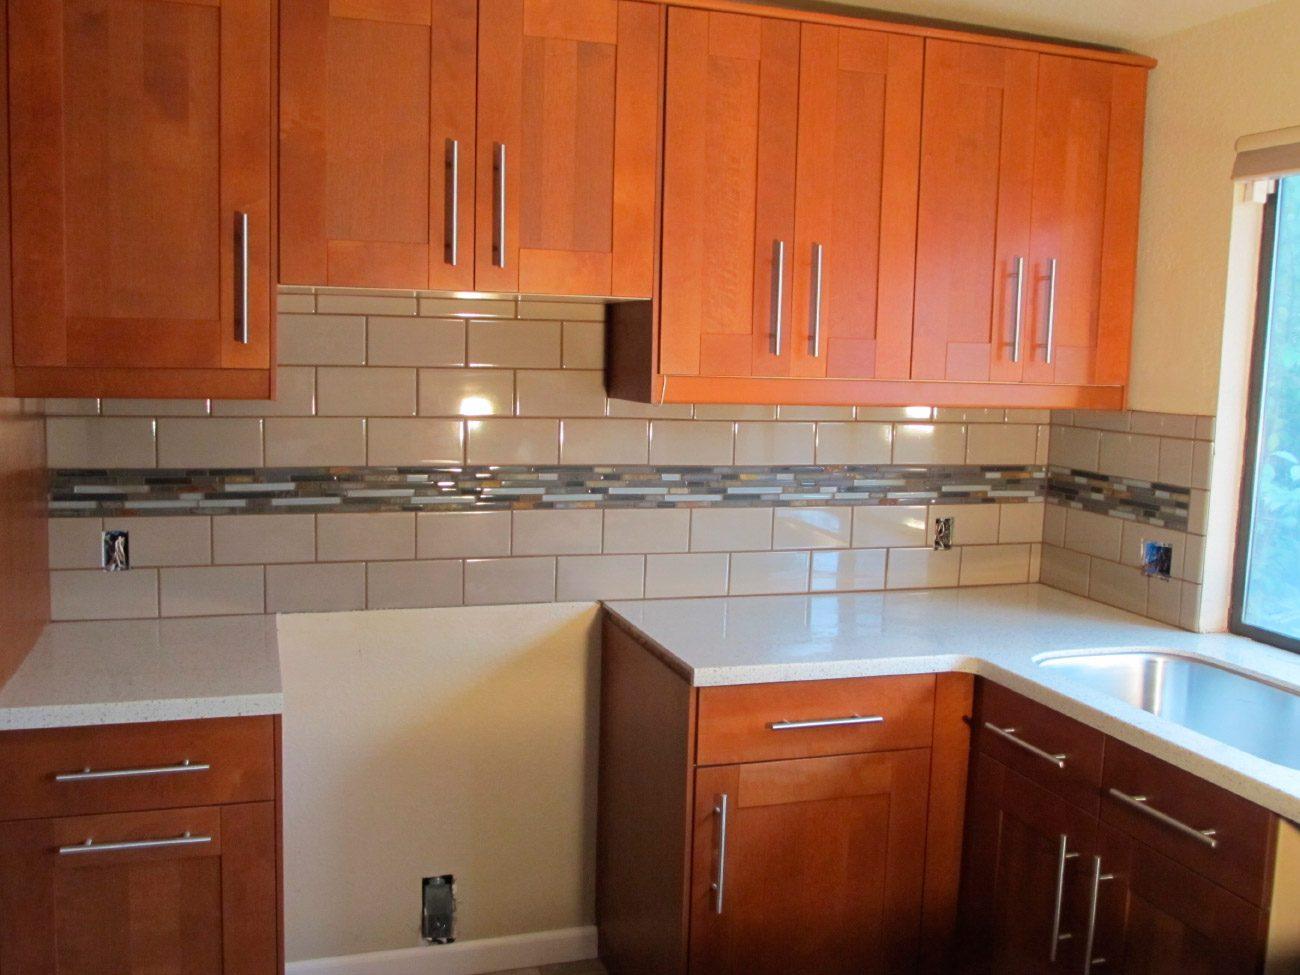 Galer a de im genes revestimientos para la pared de la cocina - Revestimiento vinilico para paredes ...